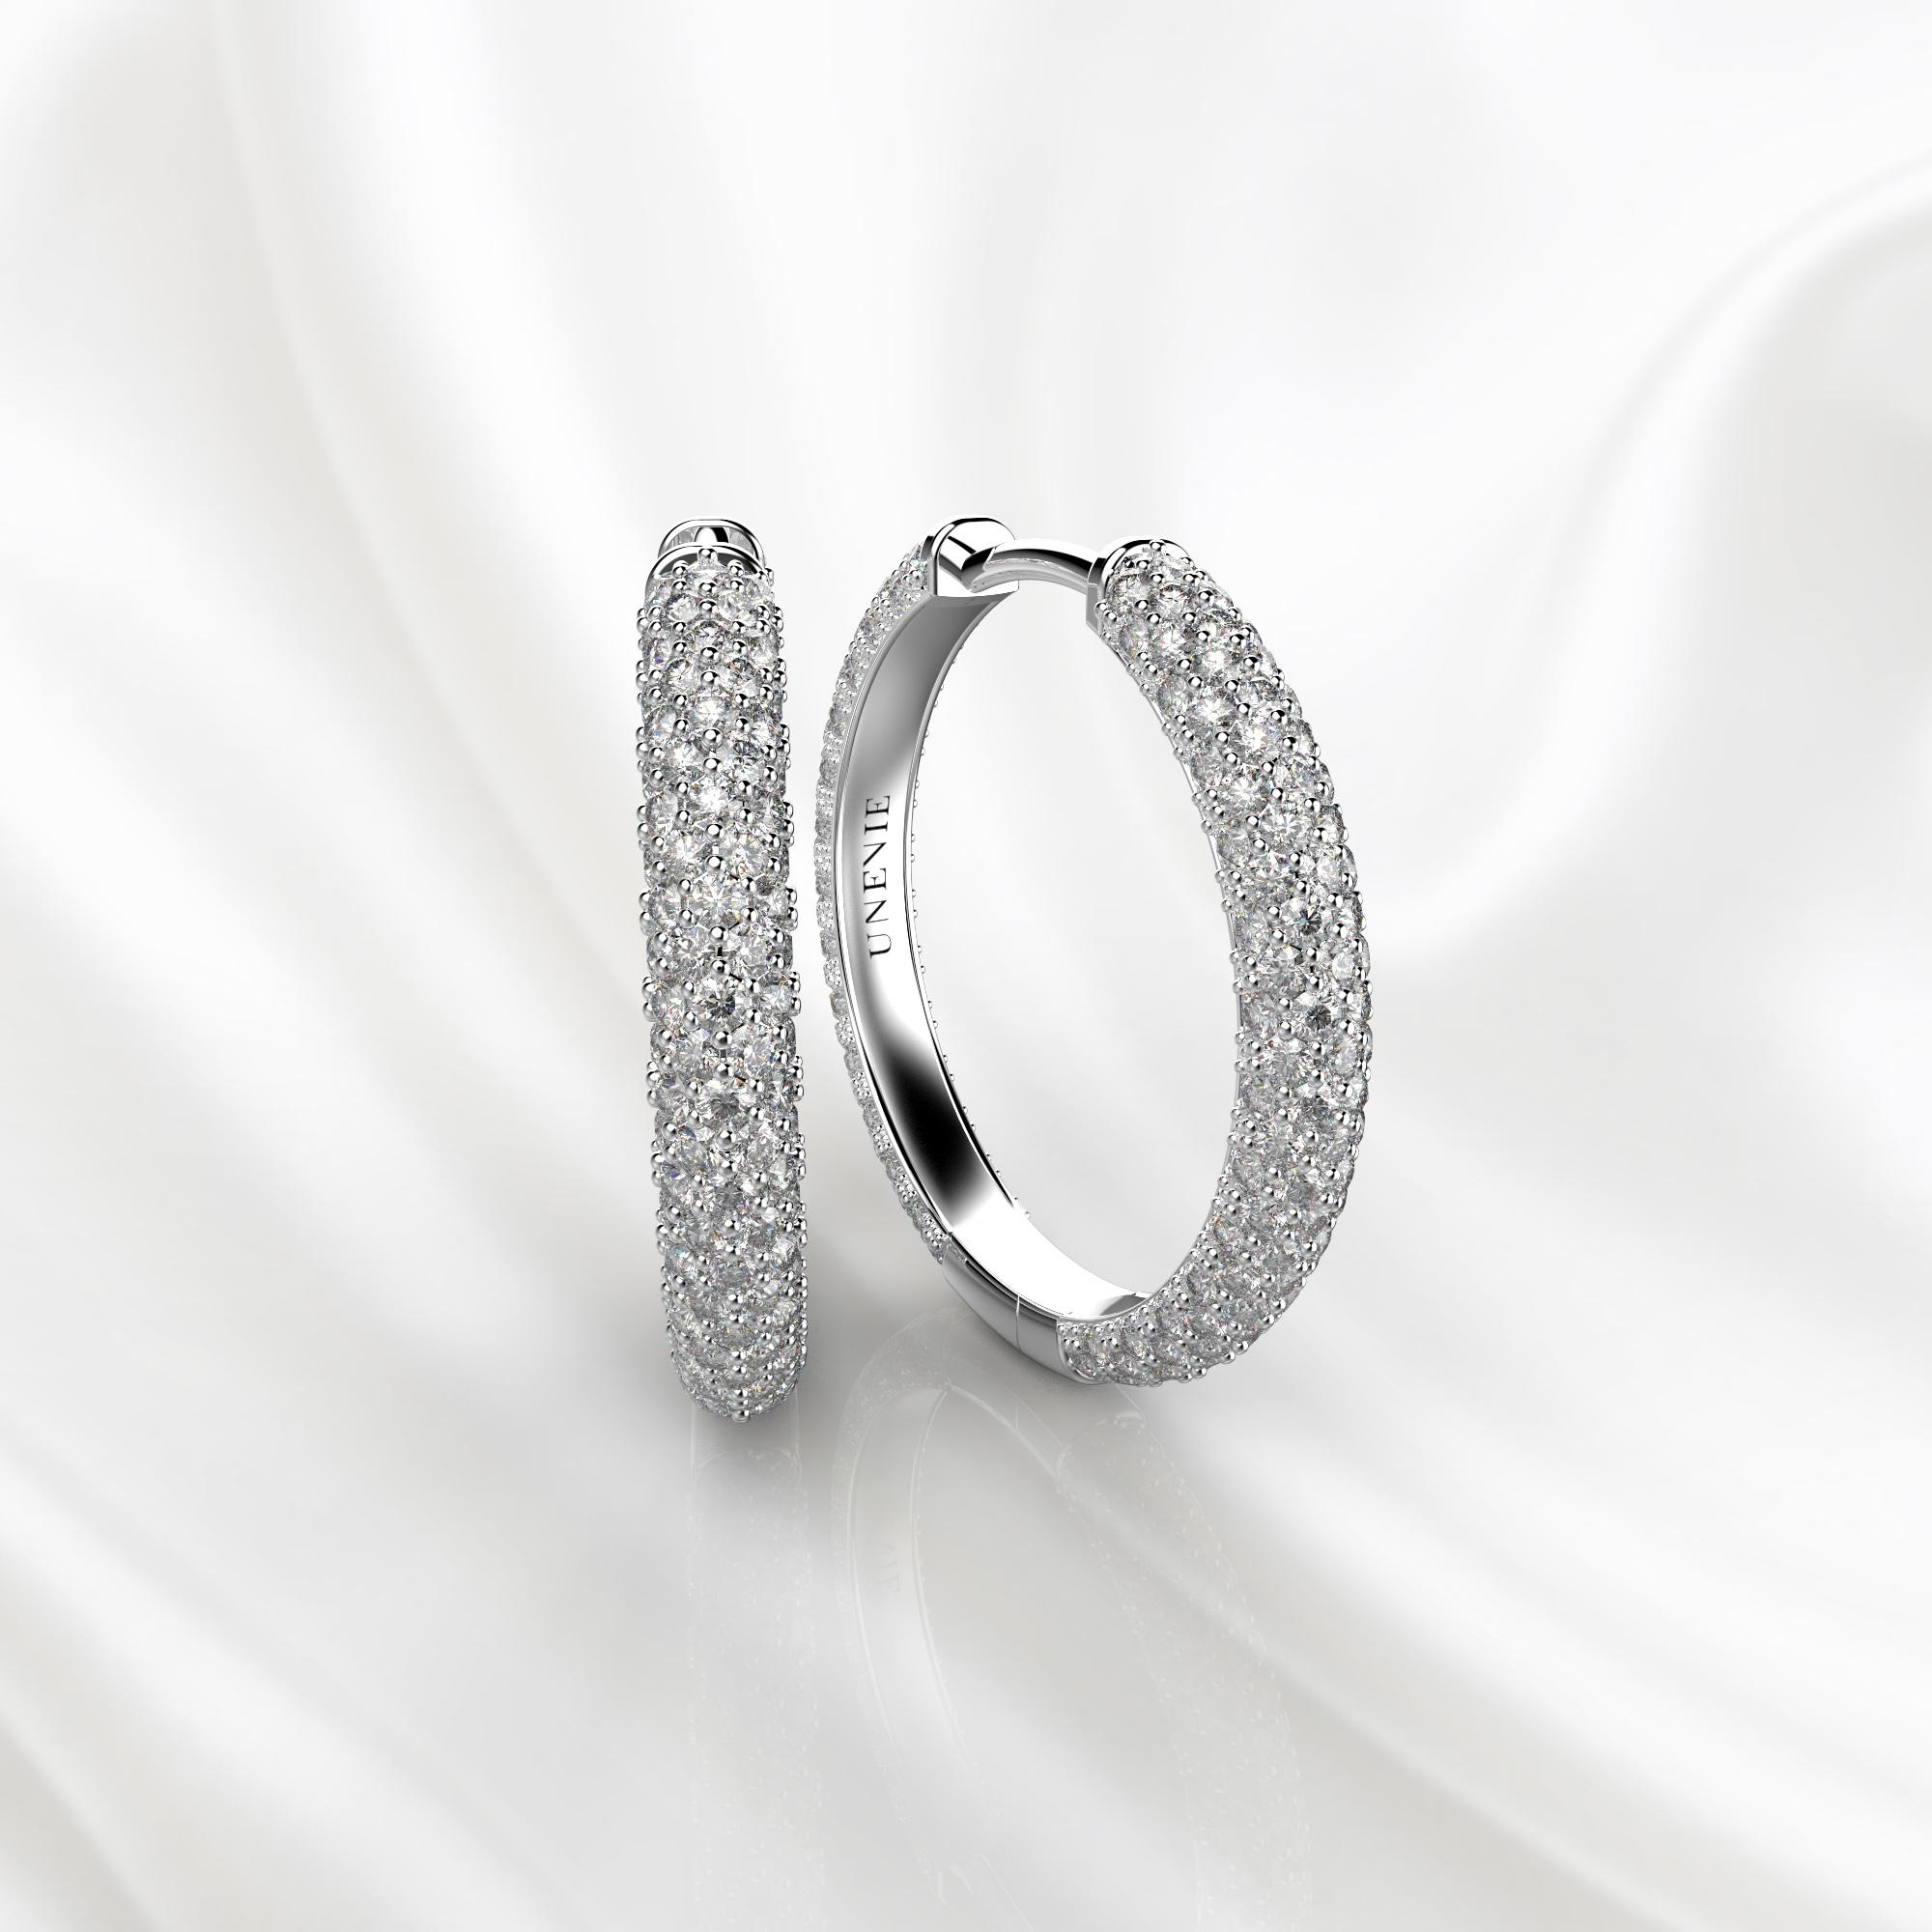 S10 Серьги-кольца из белого золота с бриллиантами